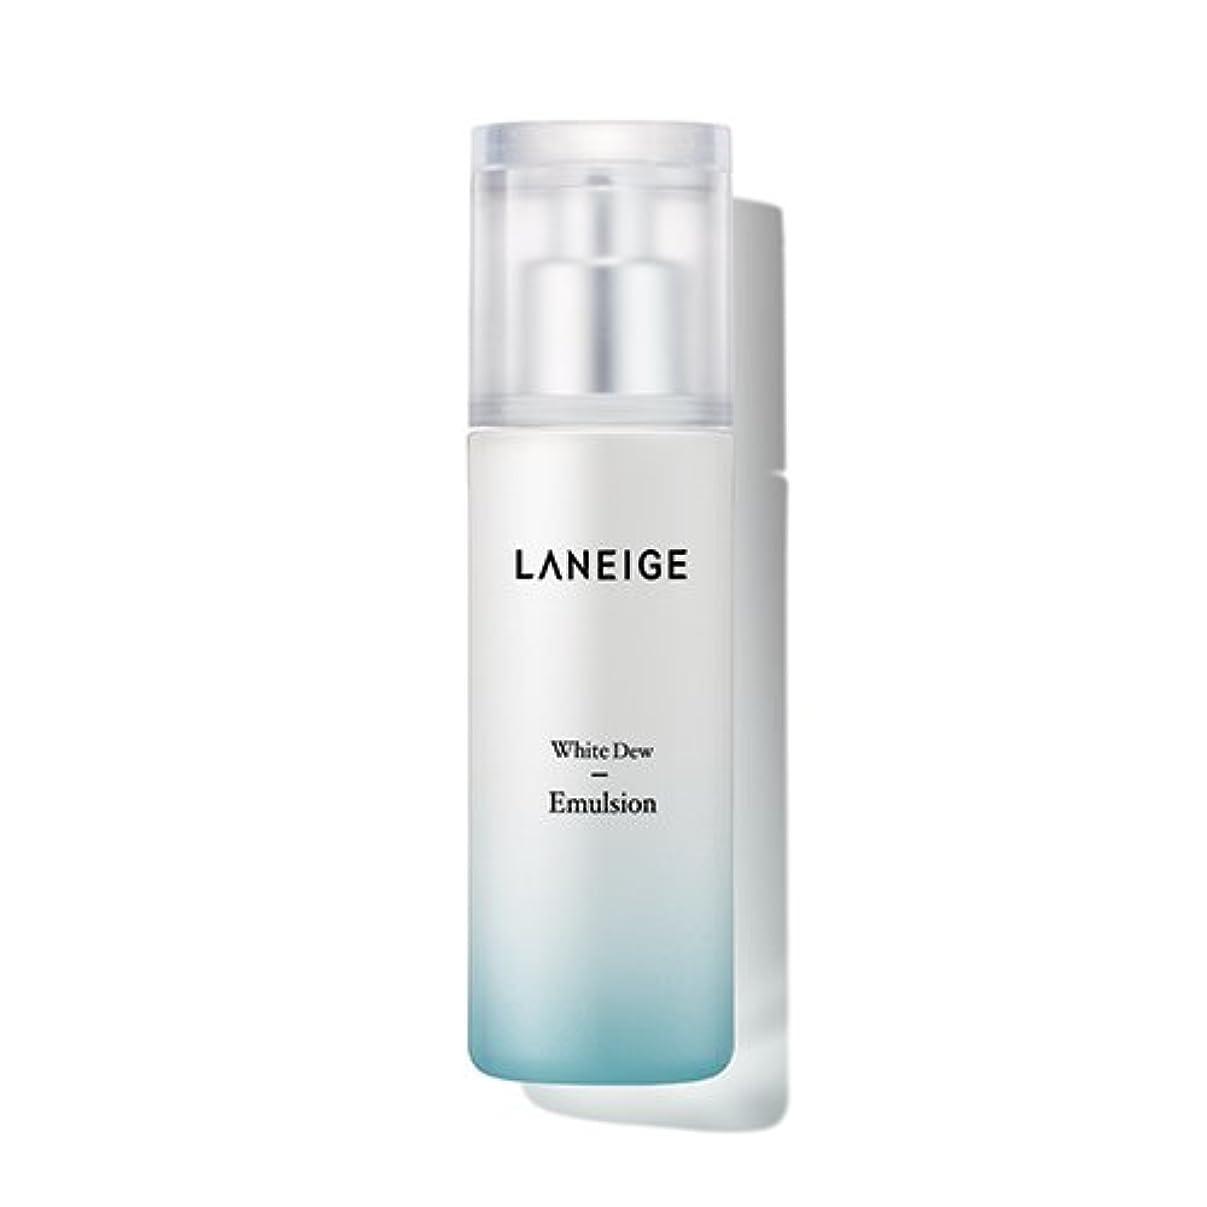 帝国まさに捧げる[ラネージュ] LANEIGE ホワイトデューエマルジョン White Dew Emulsion(海外直送品) [並行輸入品]